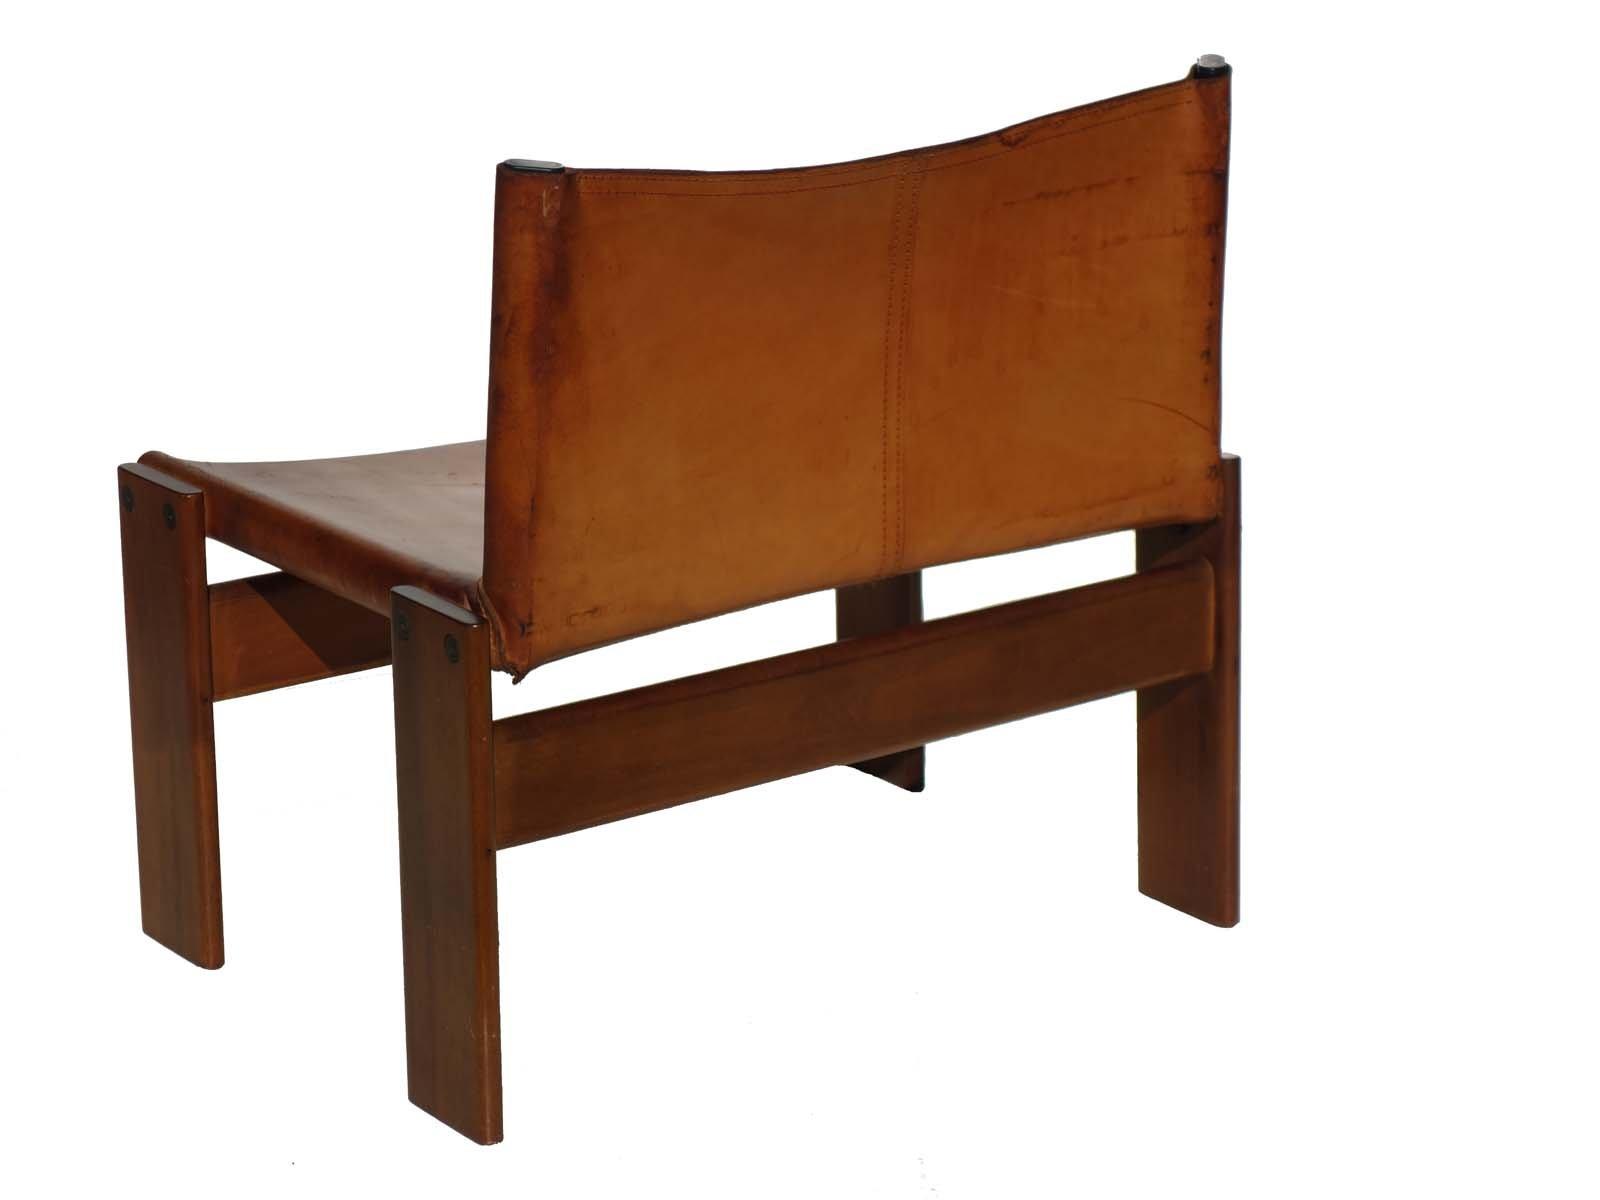 chaise d 39 appoint monk en cuir par tobia scarpa by molteni 1970s en vente sur pamono. Black Bedroom Furniture Sets. Home Design Ideas